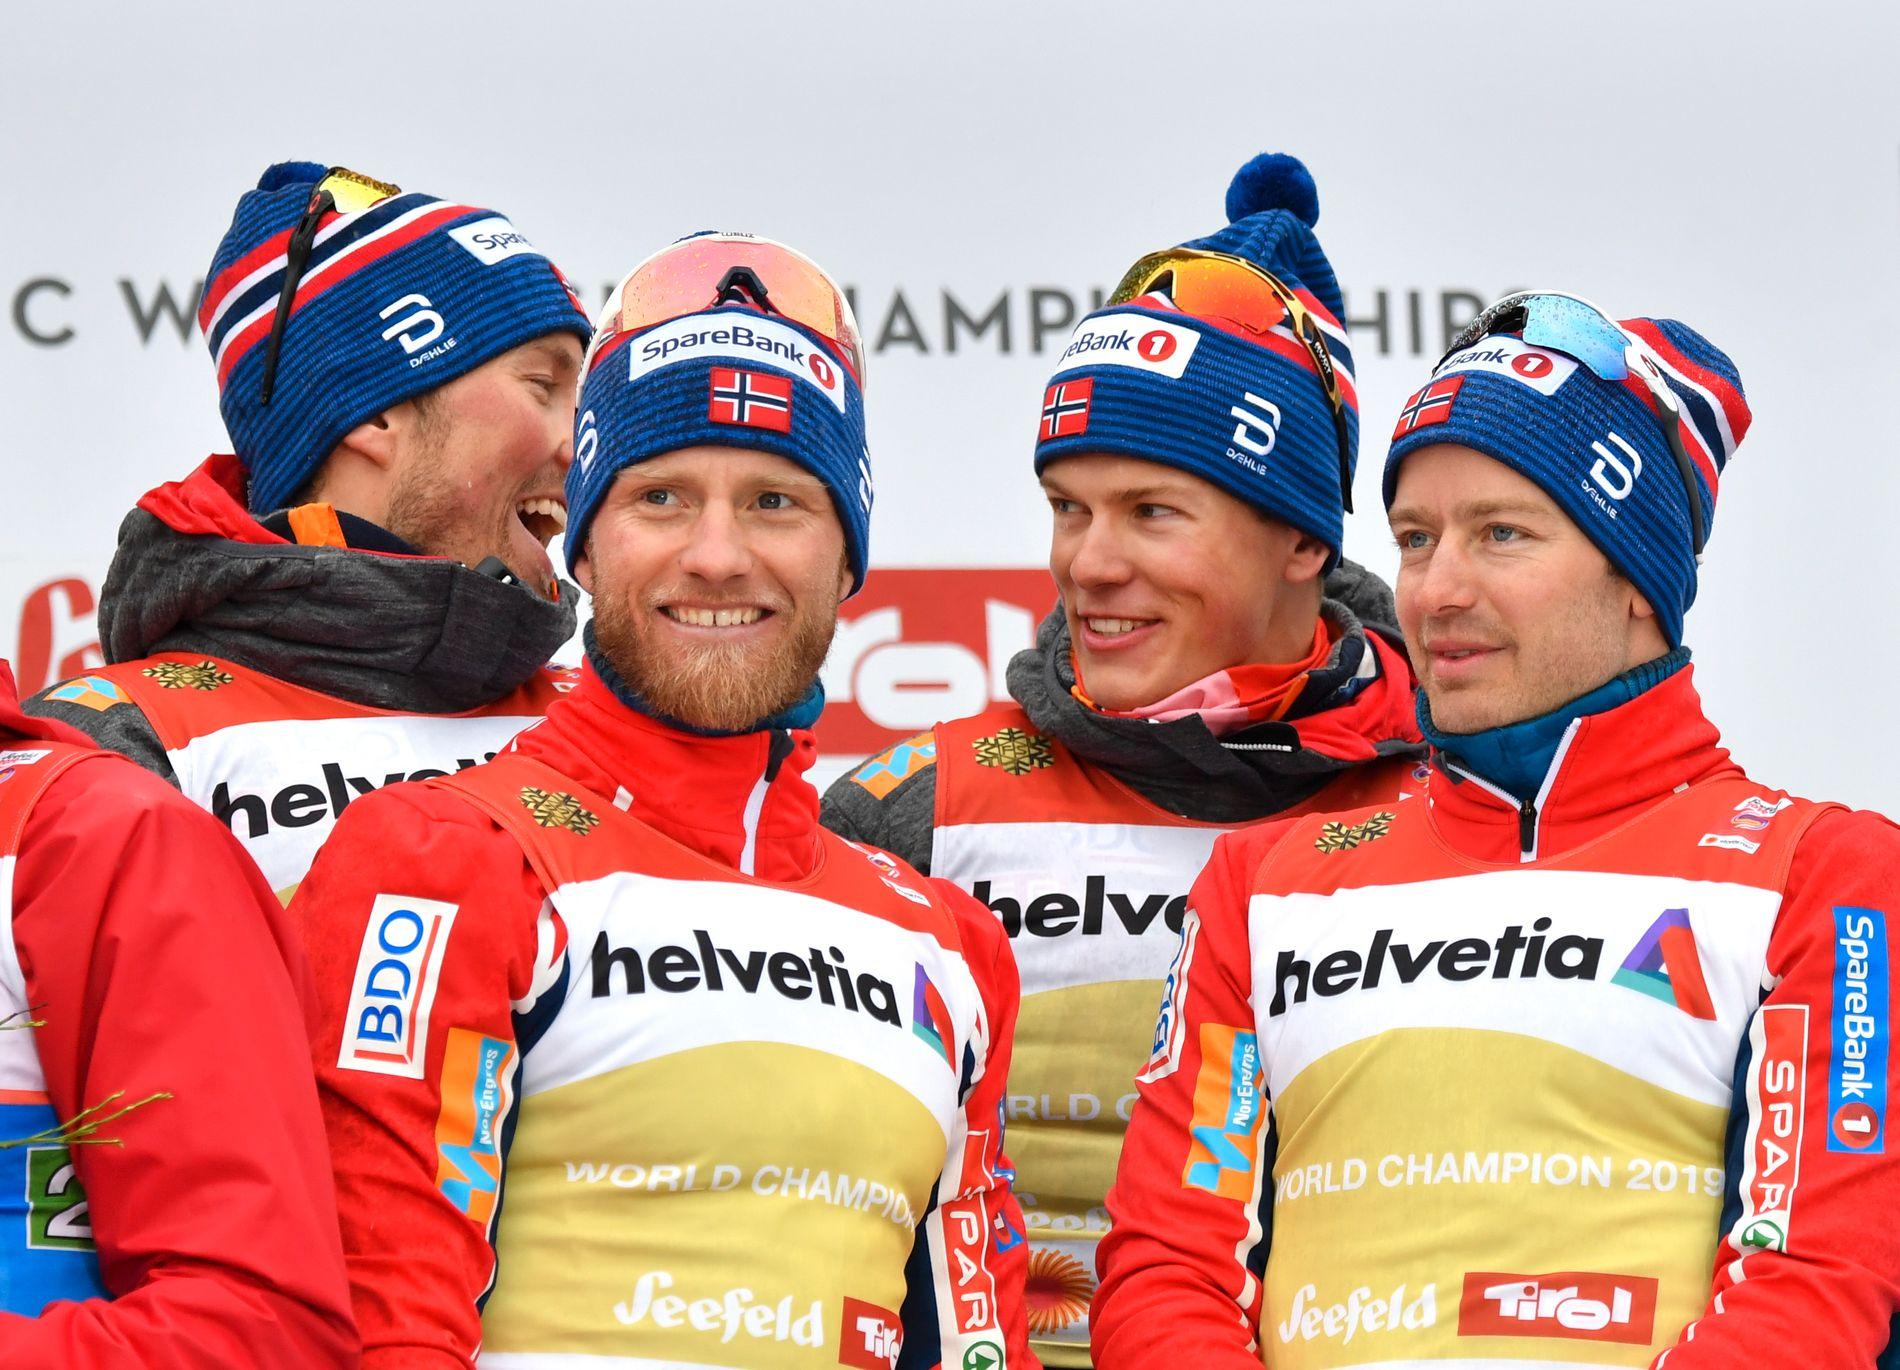 FÅR TROLIG GÅ I NORGE: De norske landslagsløperne, her representert med Emil Iversen, Martin Johnsrud Sundby, Johannes Høsflot Klæbo og Sjur Røthe, får mest sannsynlig oppleve VM i Trondheim om seks år.